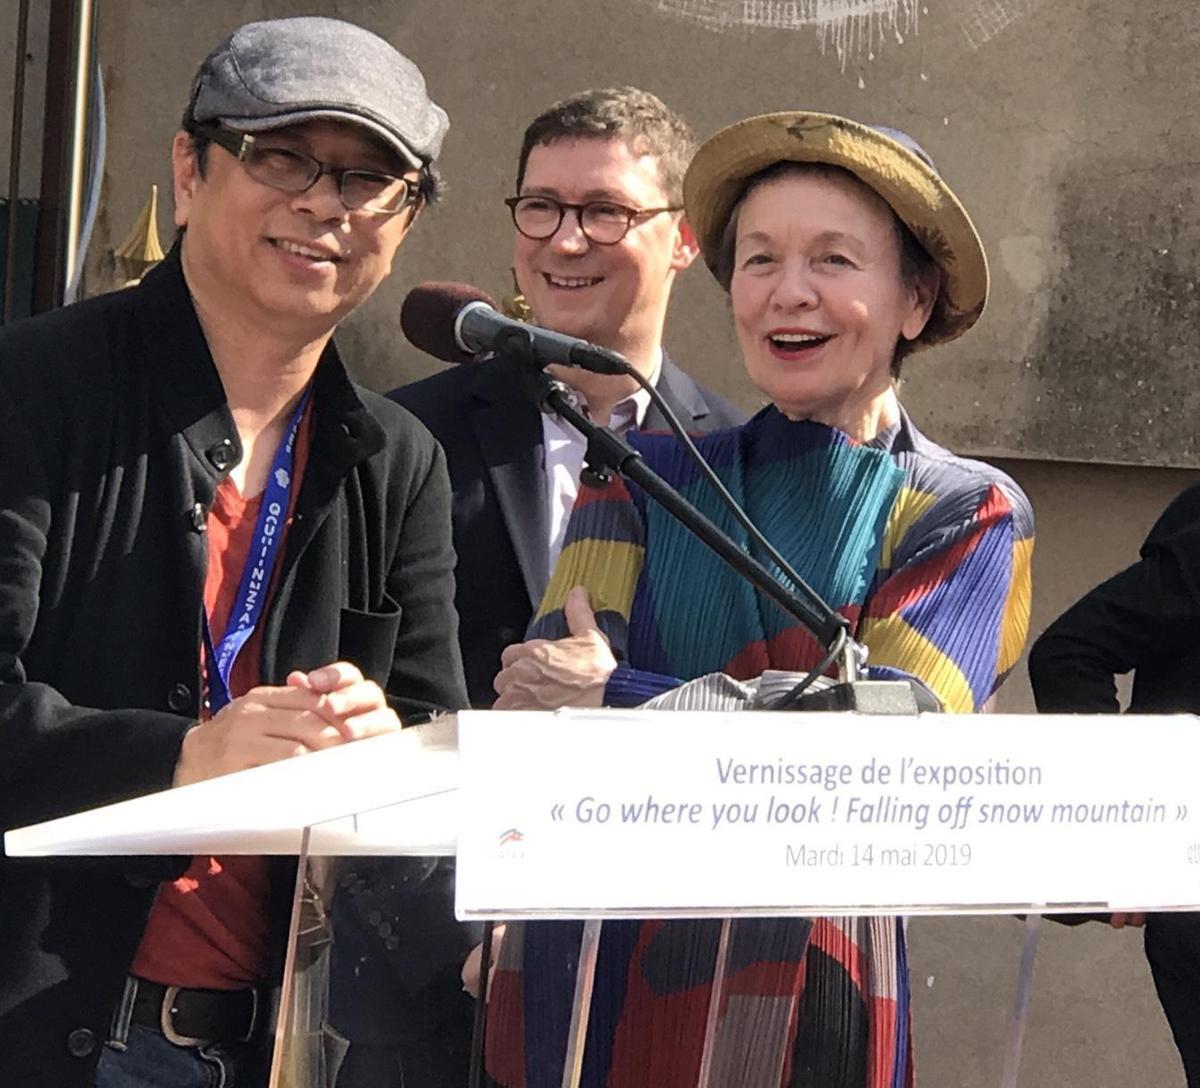 新媒體藝術家黃心健(左)美國前衛音樂教母Laurie Anderson(右)一起完成3件VR作品,受邀在法國坎城影展的「導演雙週」盛大開幕。(故事巢提供)